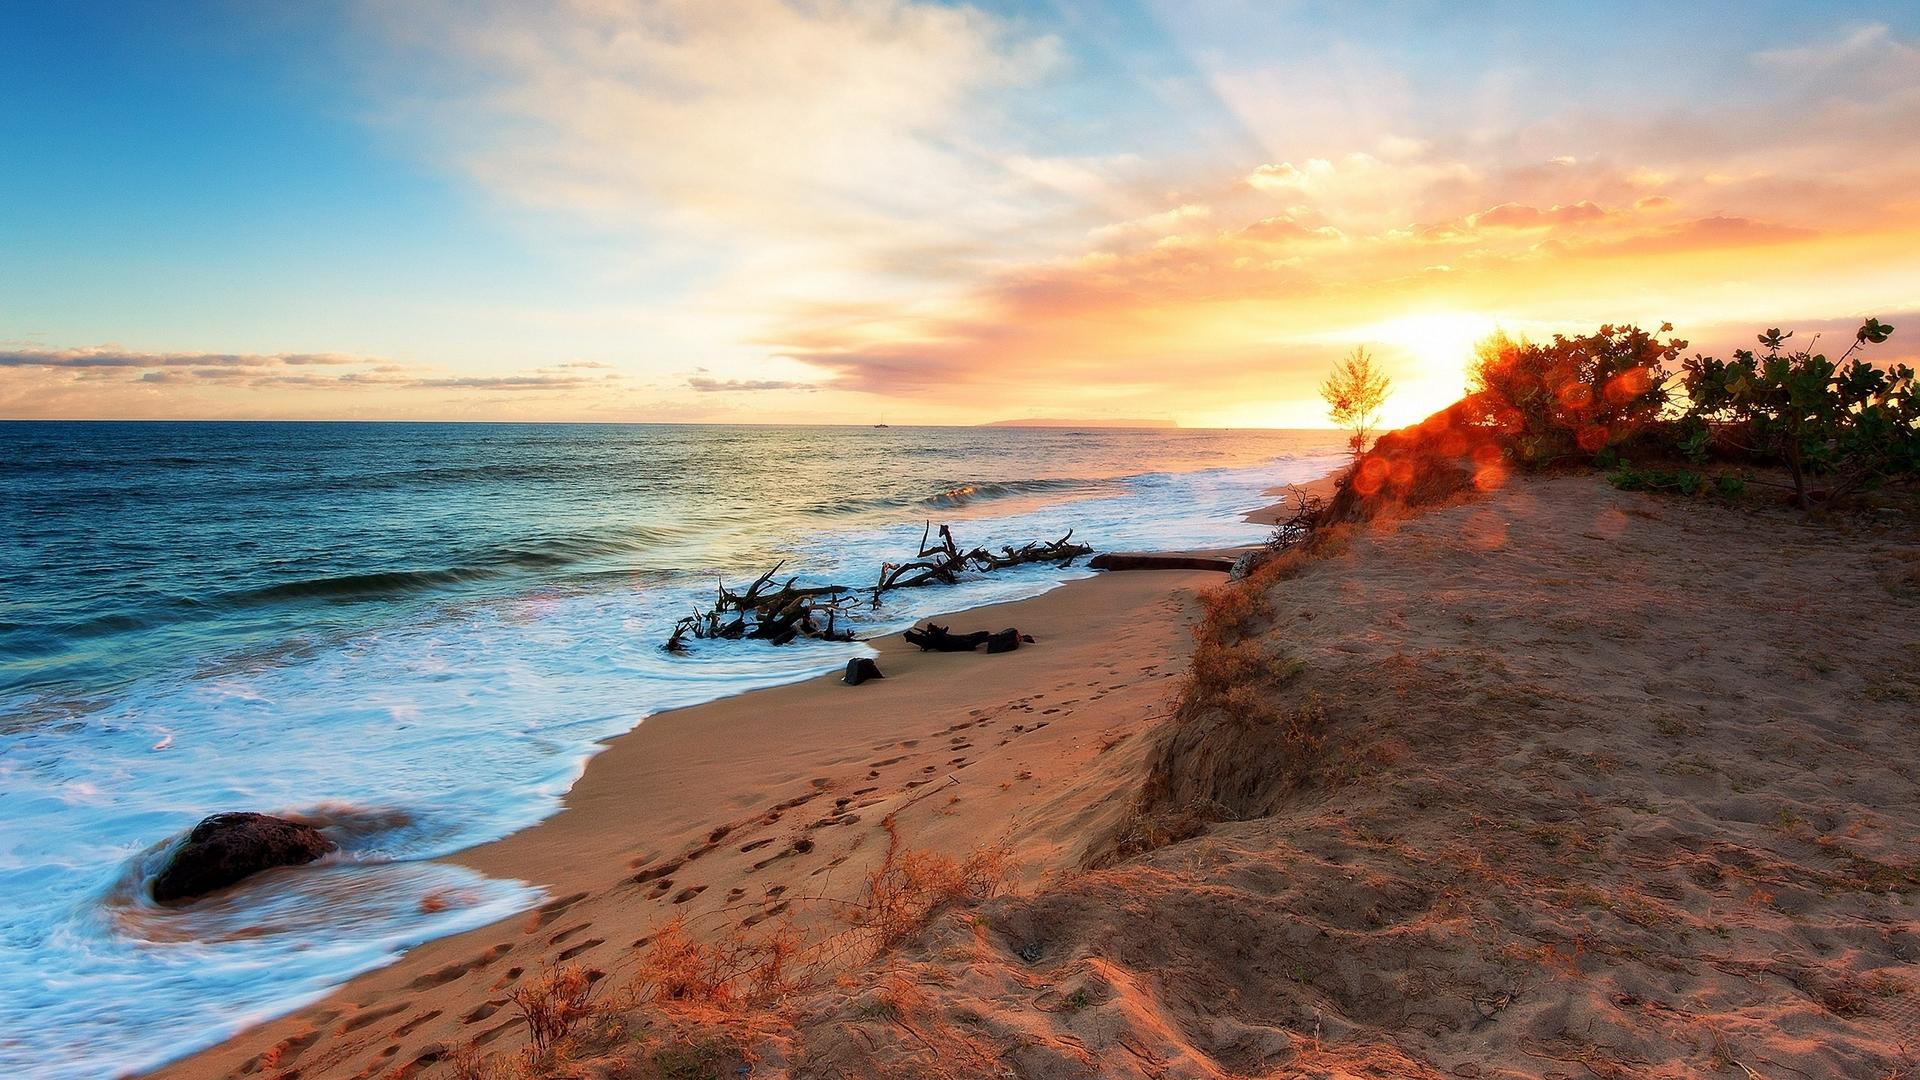 обои для рабочего стола берег пляжи № 598766 бесплатно